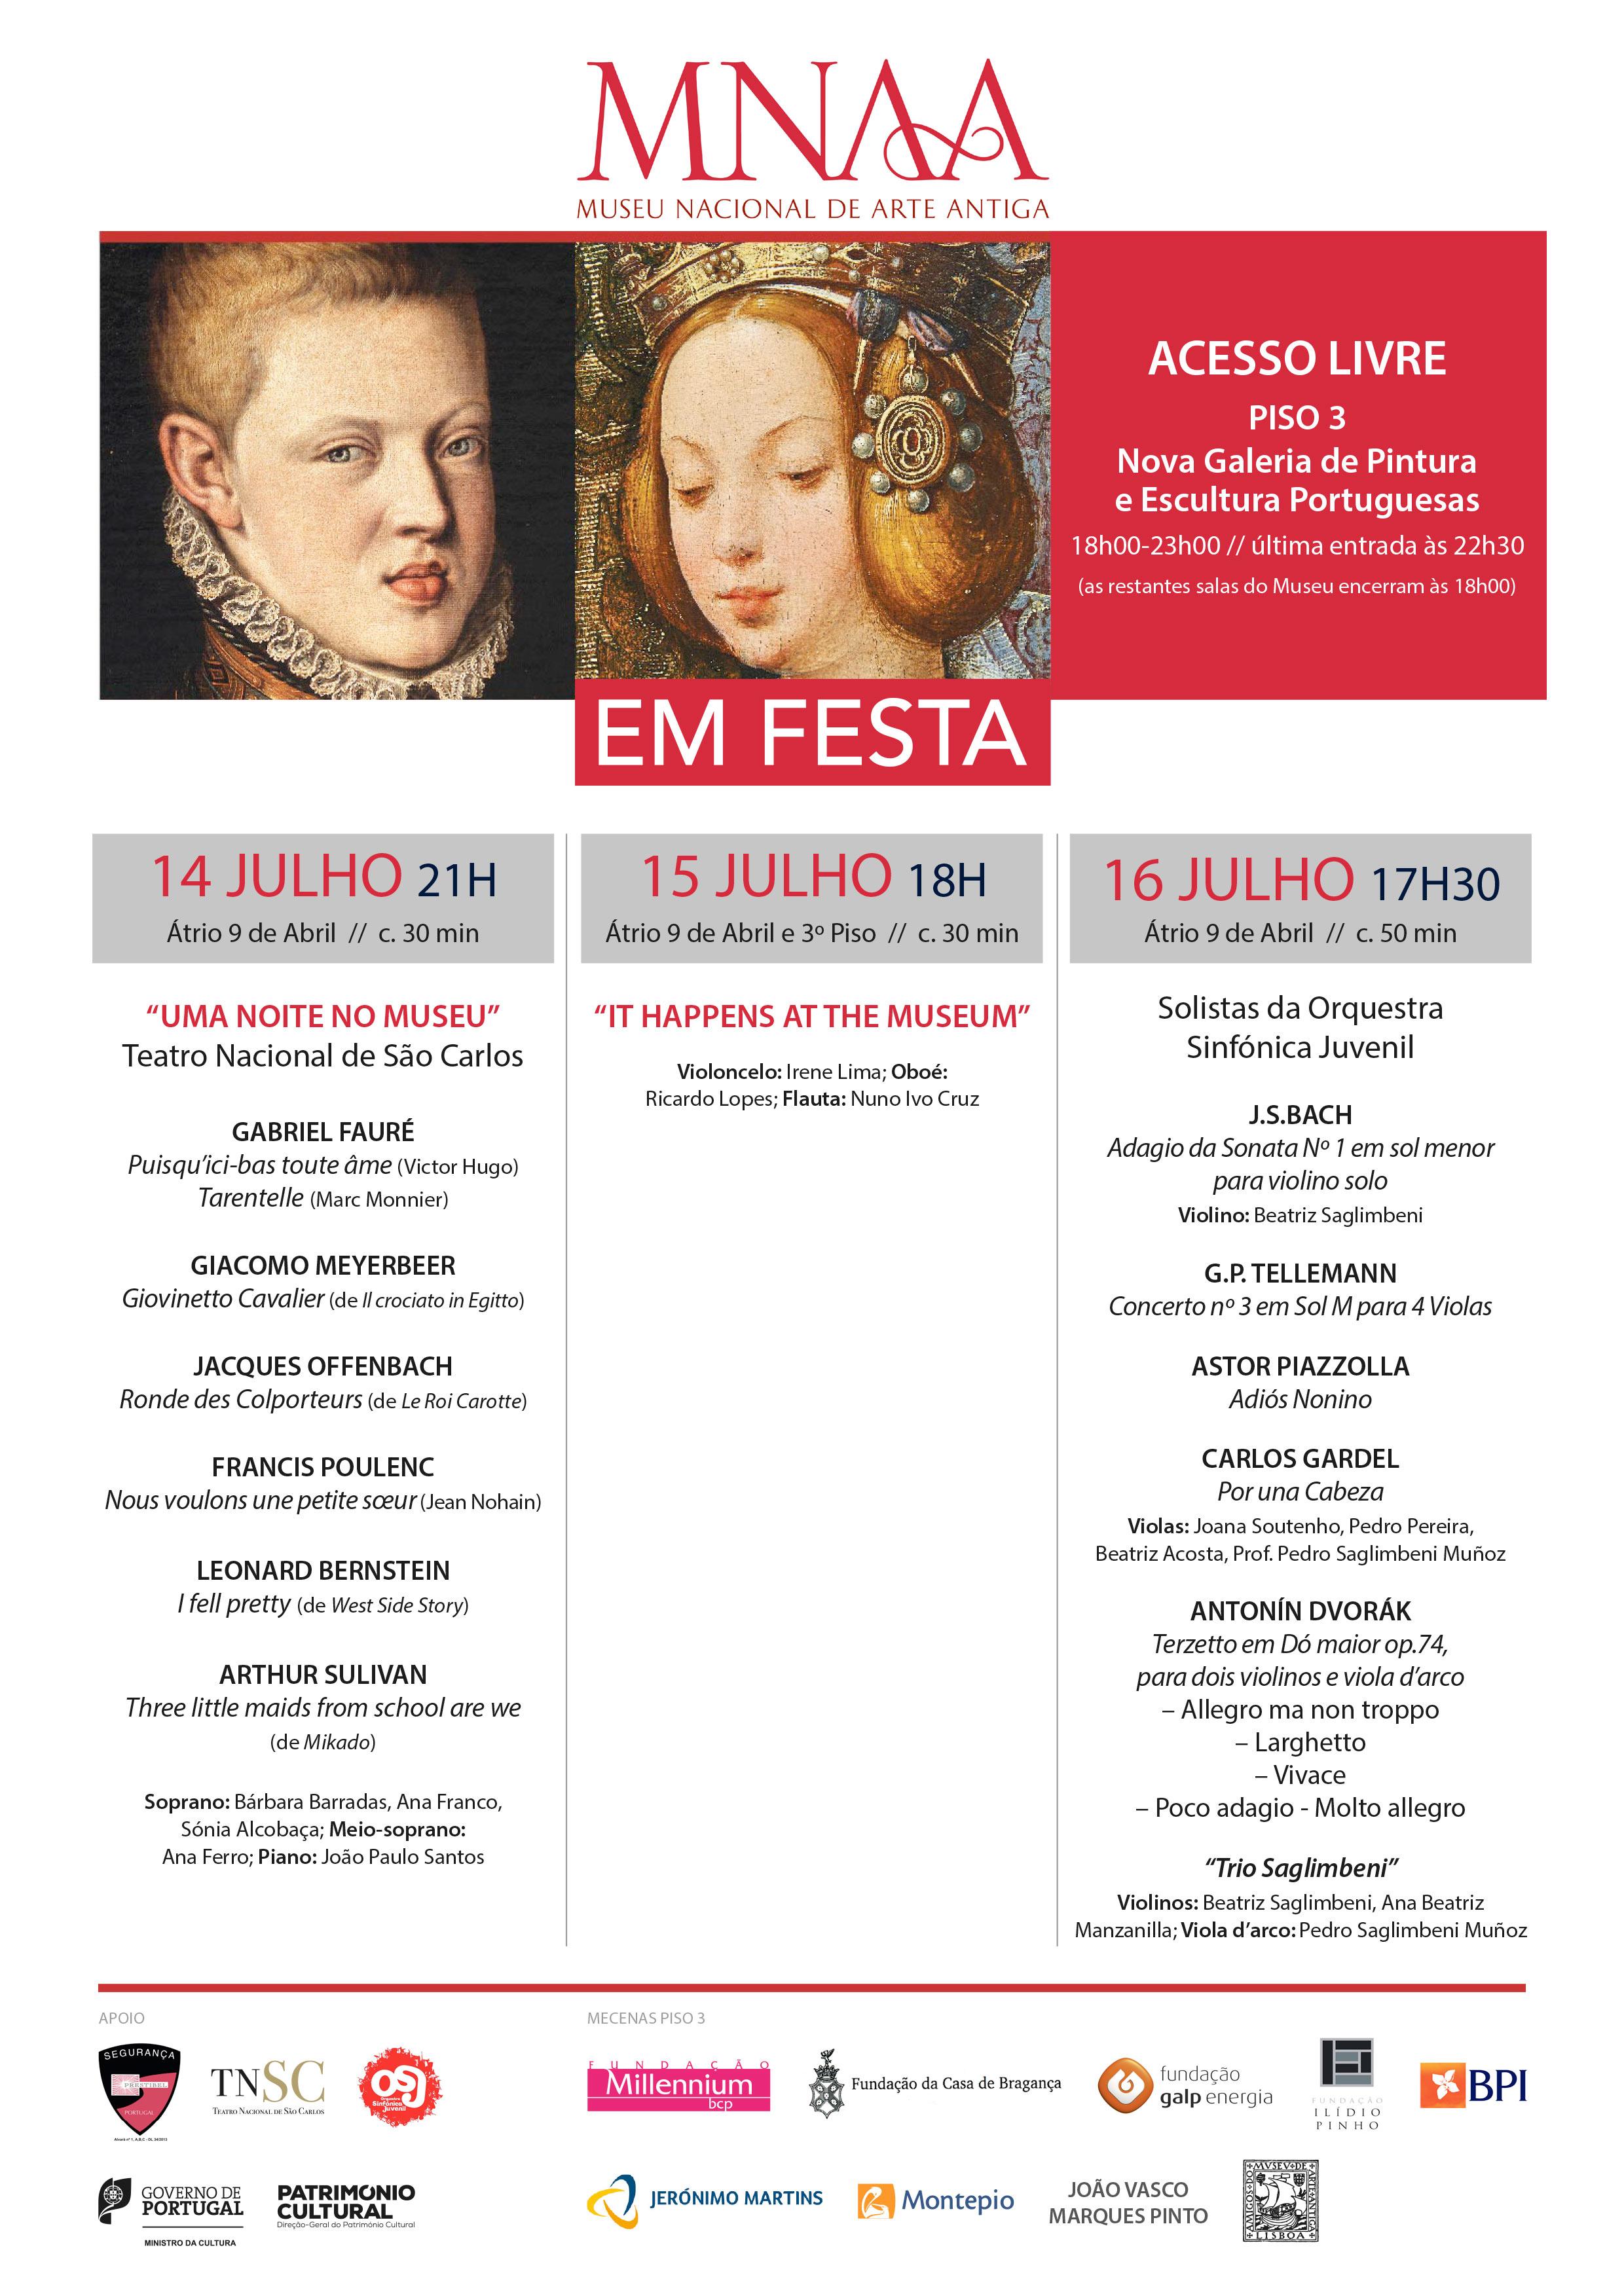 inauguração piso 3 nova galeria de pintura e escultura portuguesas